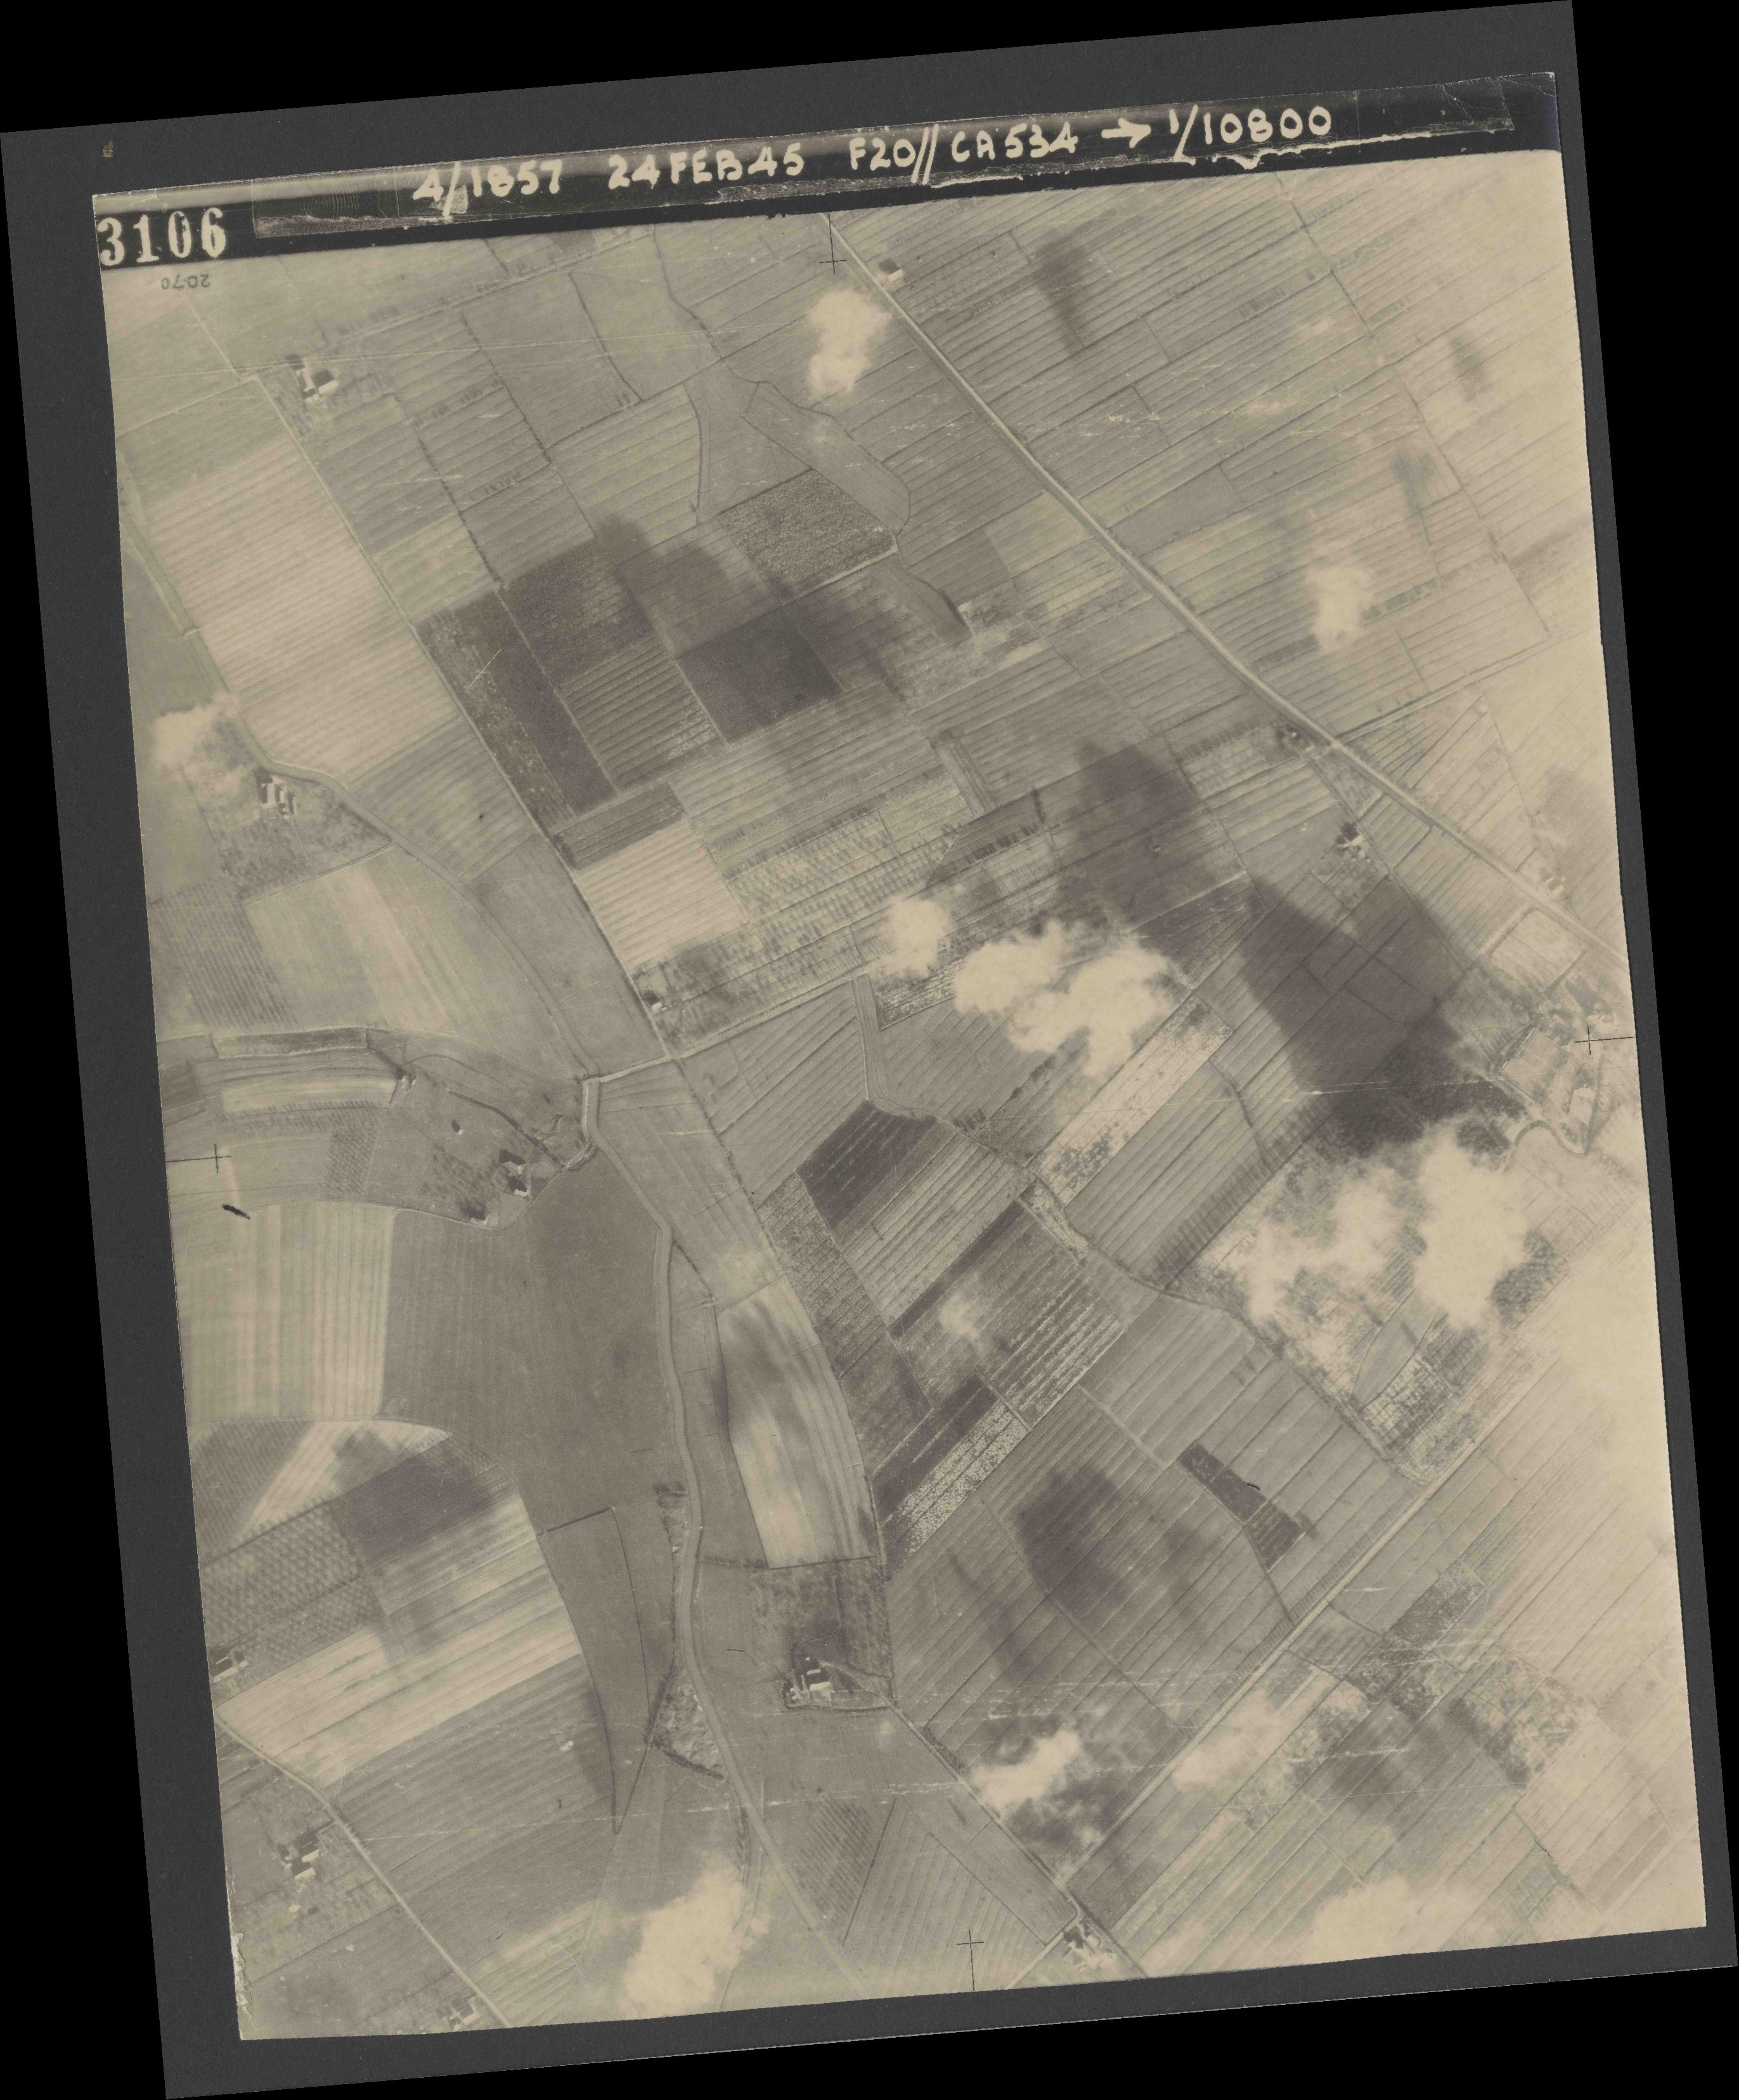 Collection RAF aerial photos 1940-1945 - flight 073, run 02, photo 3106